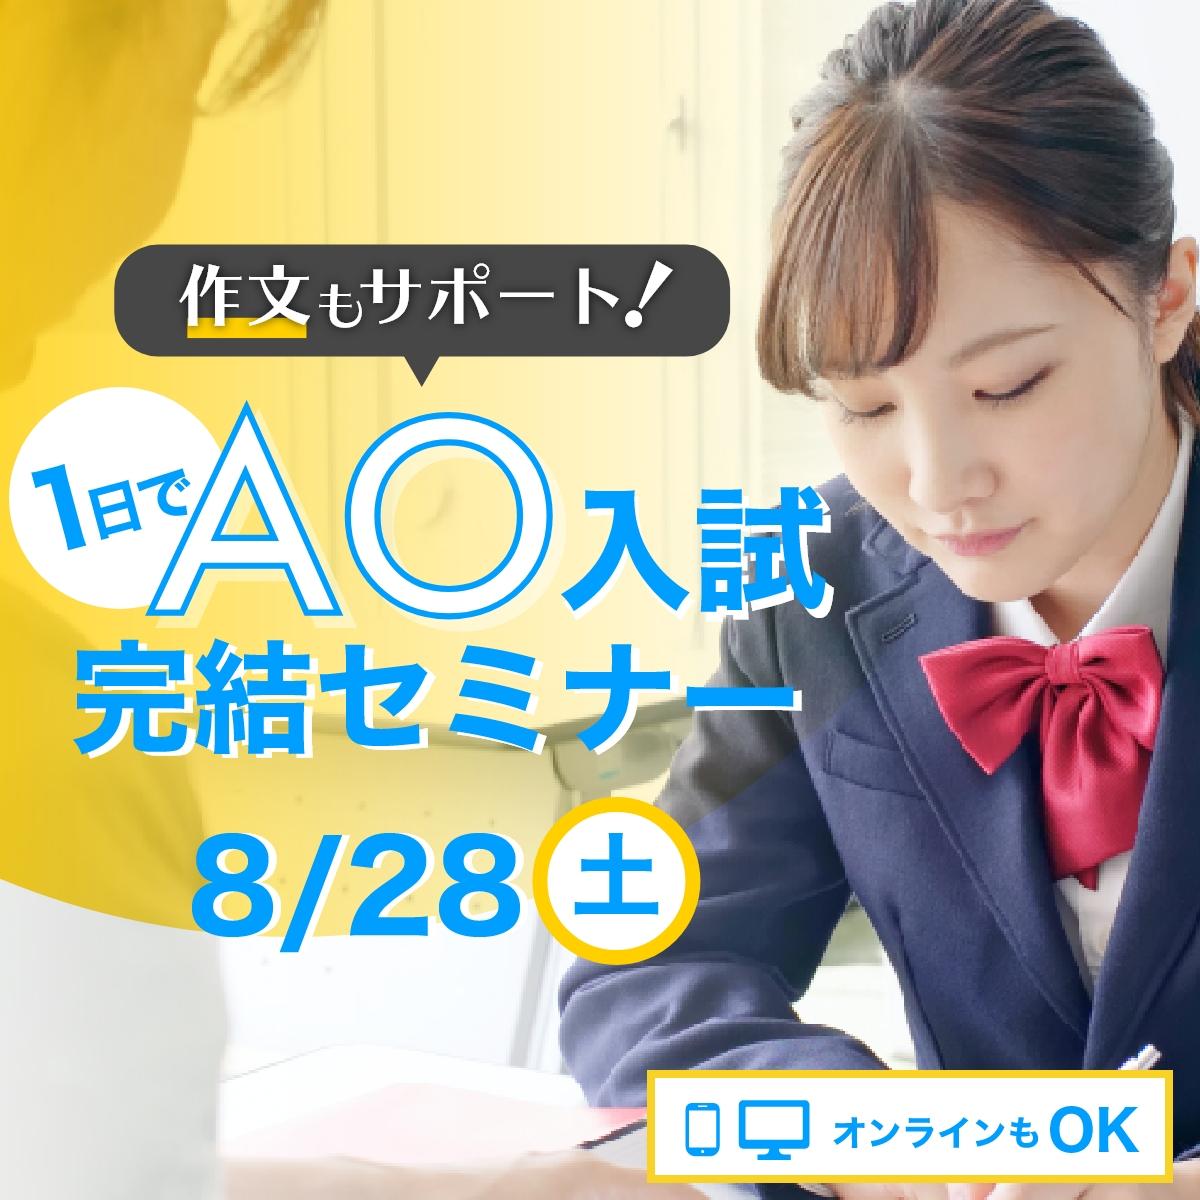 作文もサポート!1日でAO入試完結セミナー